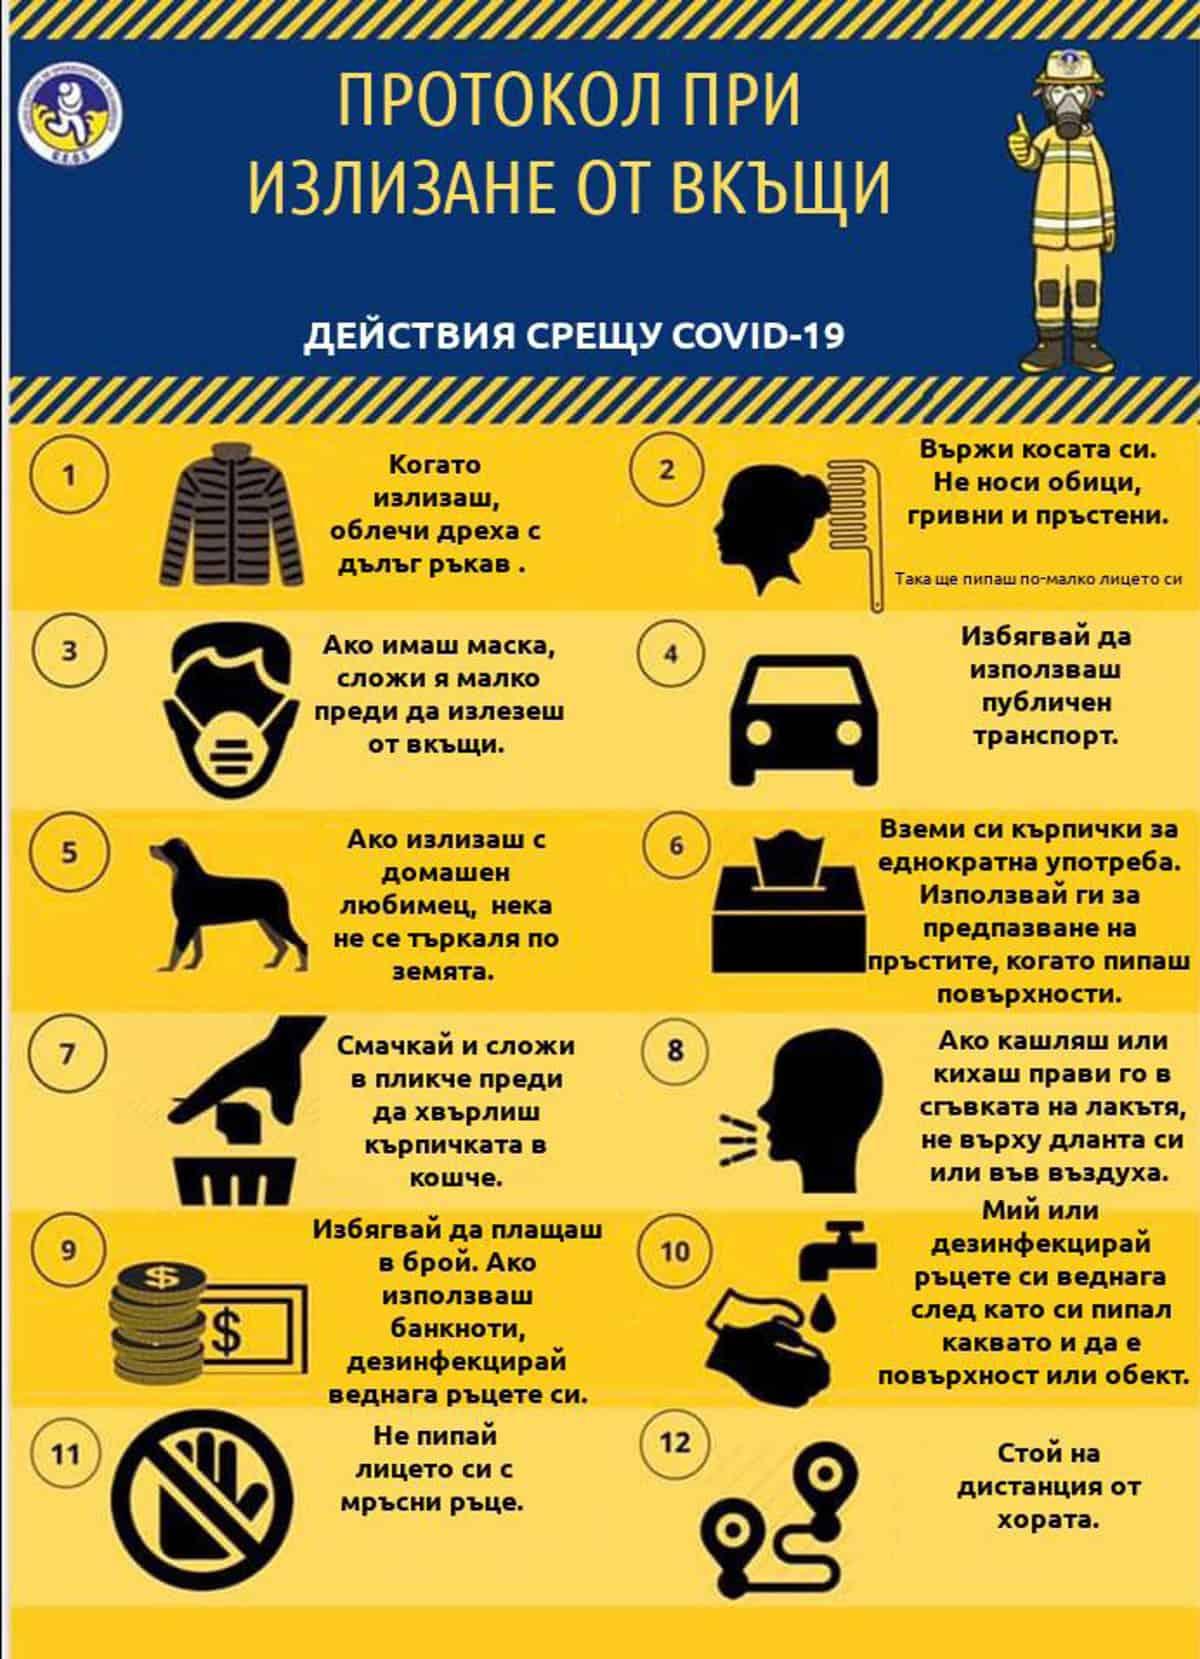 правила за защита от коронавирус при излизане от вкъщи